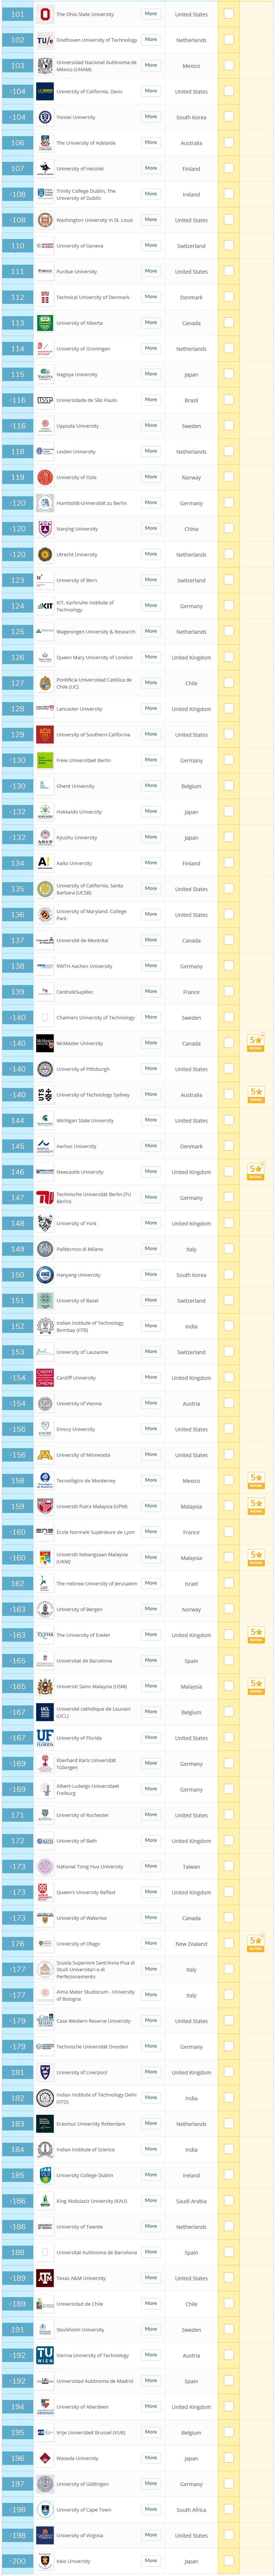 2020年QS世界大学排名新鲜出炉!